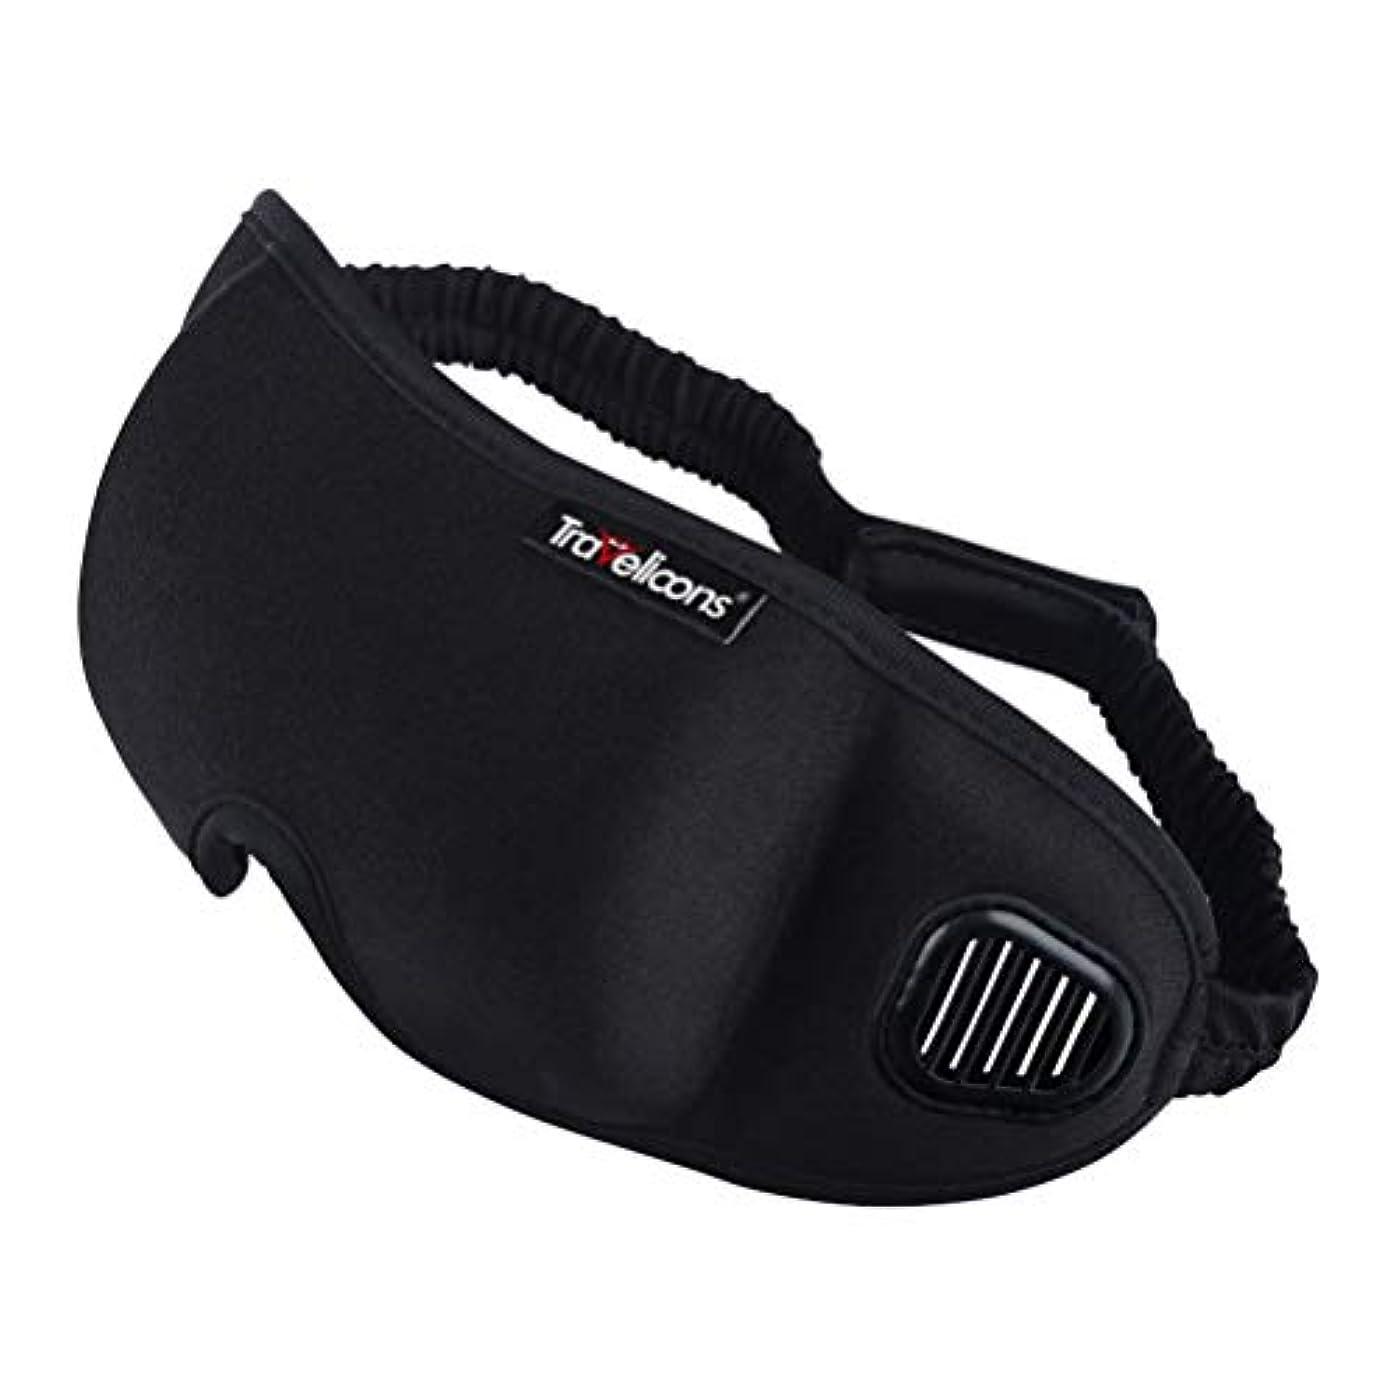 ショップ化粧傾向Healifty 旅行の家の使用のための3D睡眠のマスクの通気性の綿の目隠しをしている睡眠の睡眠(耳栓のない黒)